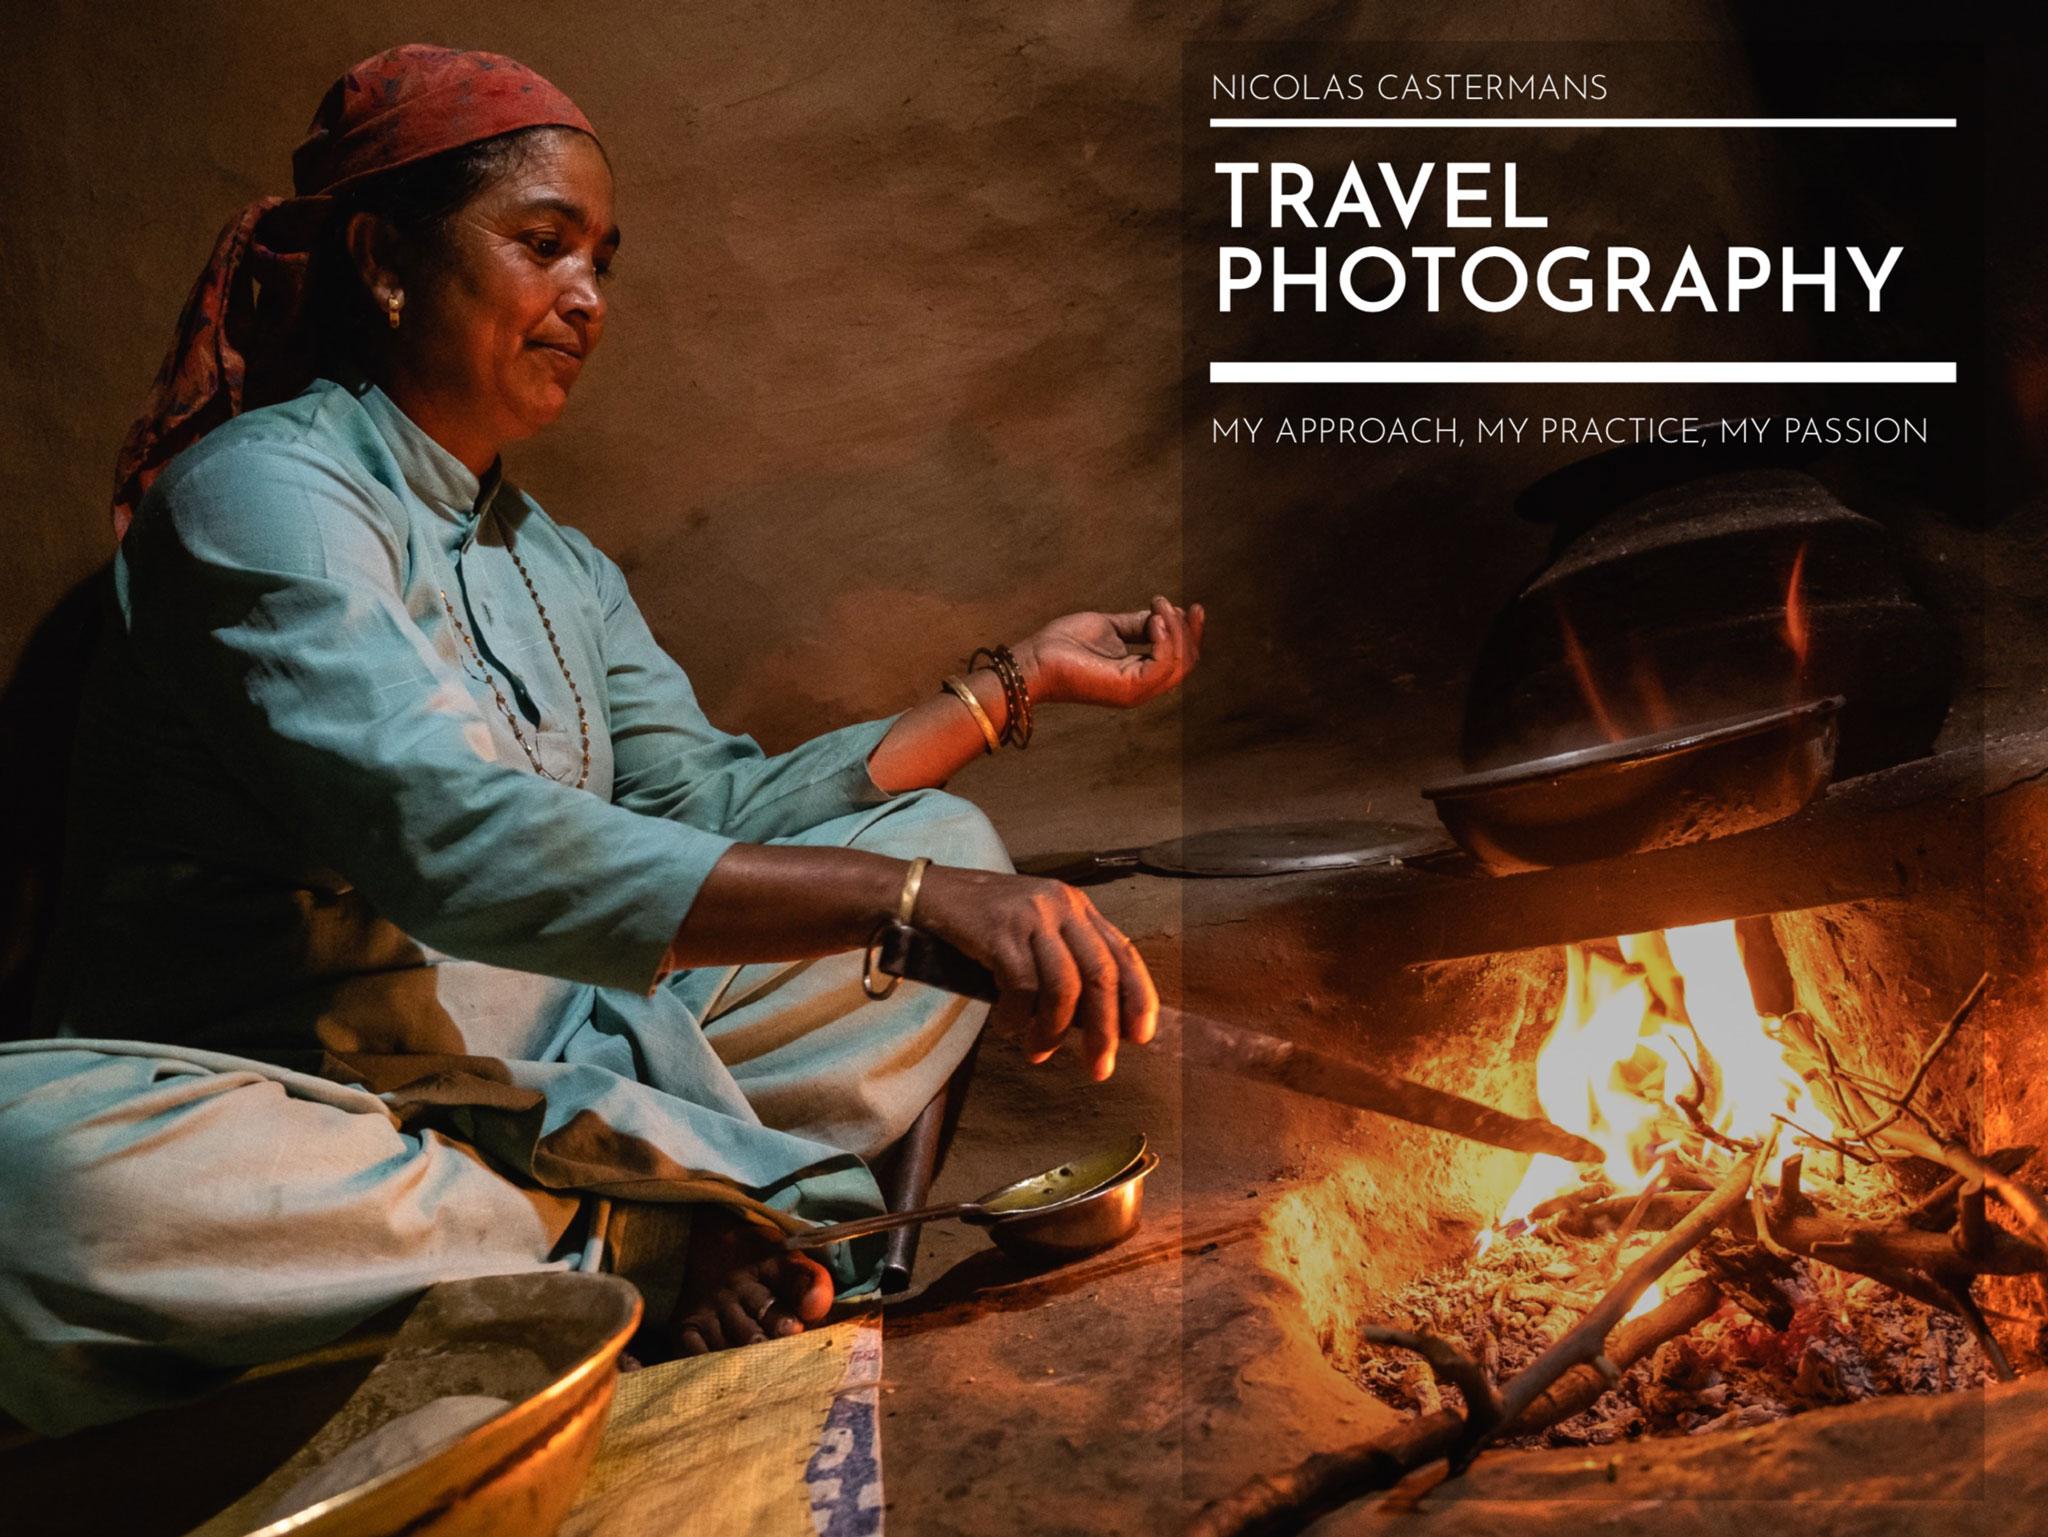 TRAVEL PHOTOGRAPHY EBOOK - NICOLAS CASTERMANS